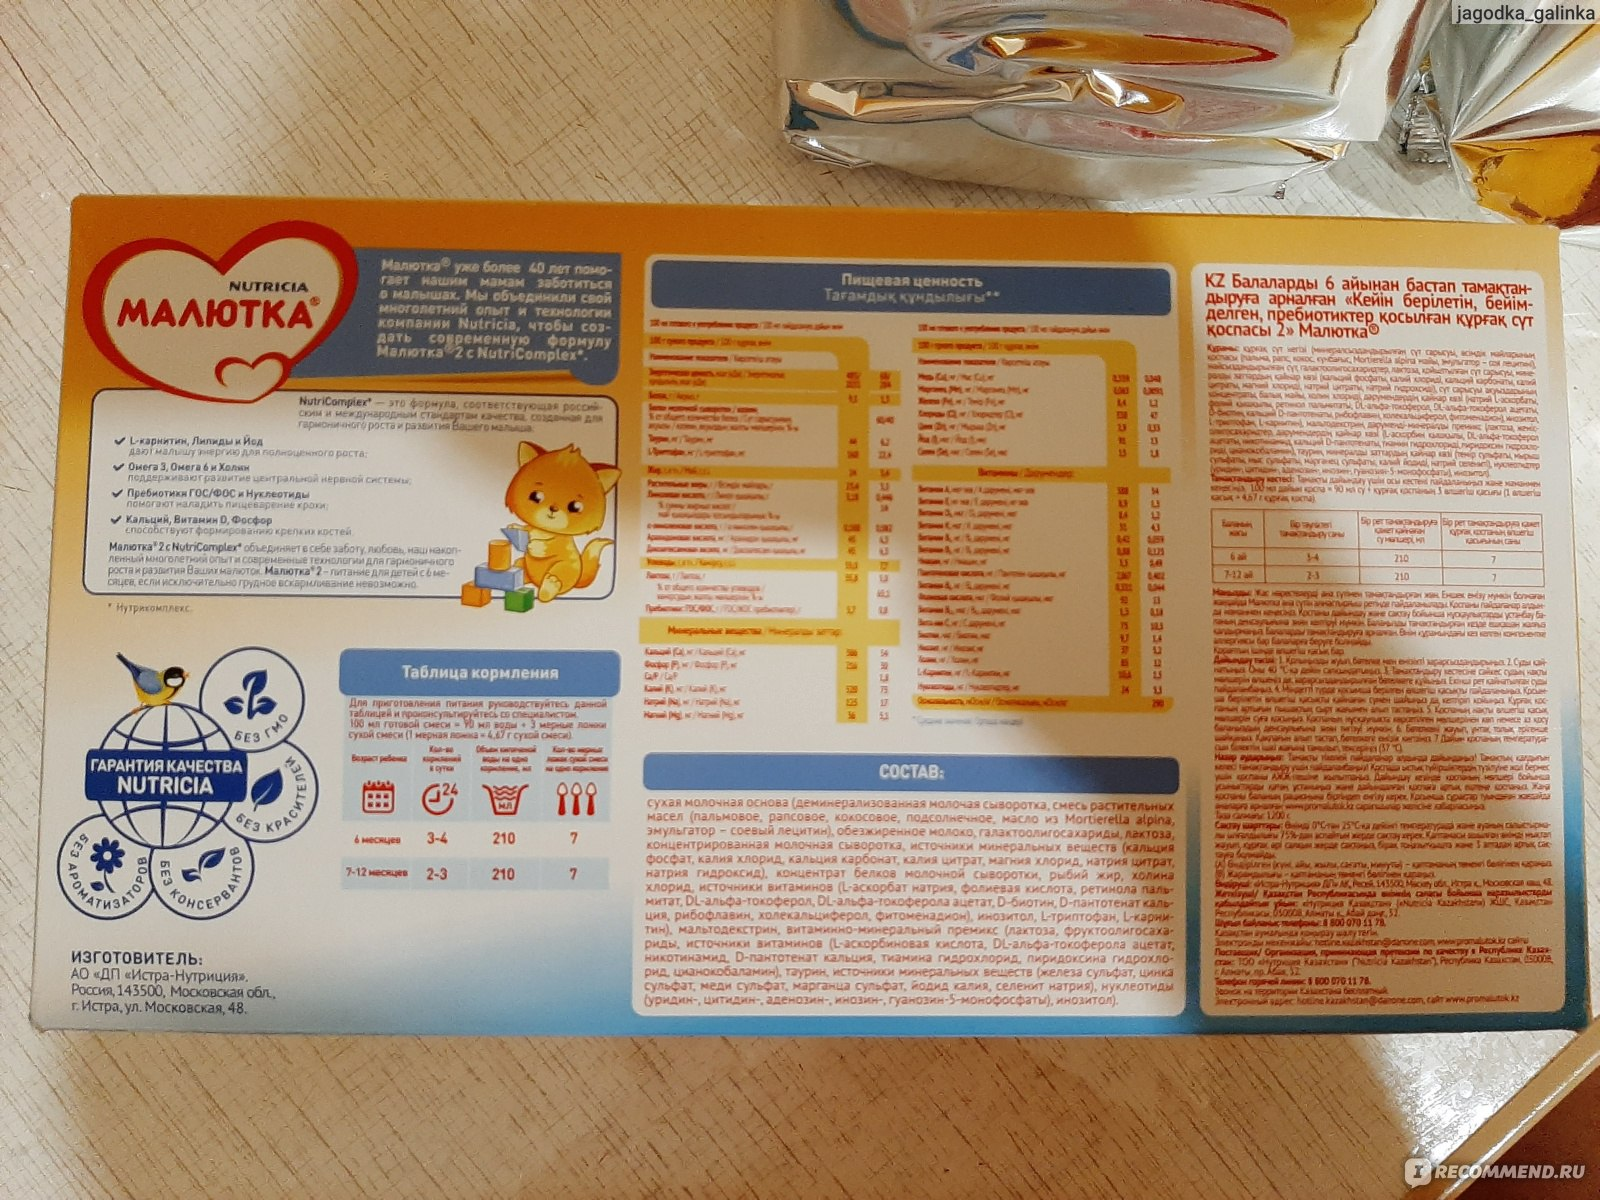 Малютка: сведения о производителе детского молочного питания, состав сухой смеси и инструкция по её применению